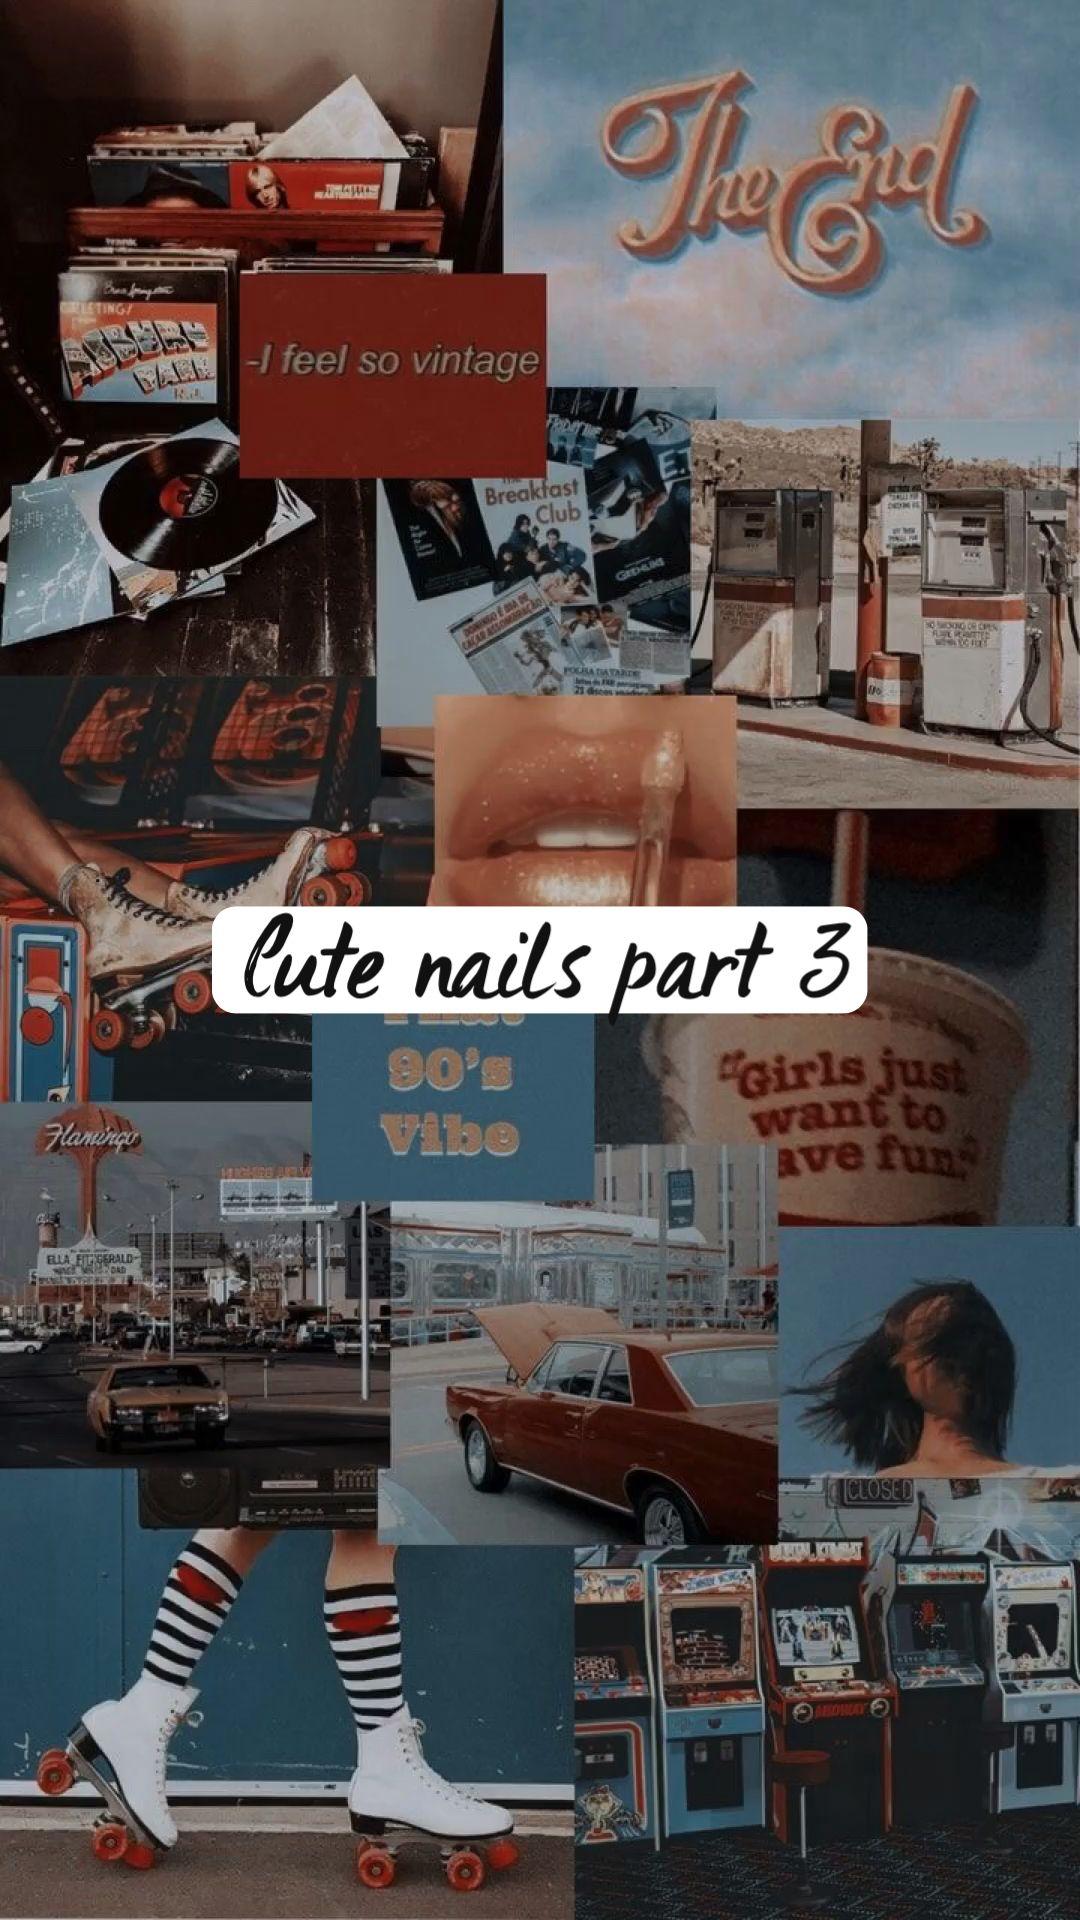 Cute nails part 3